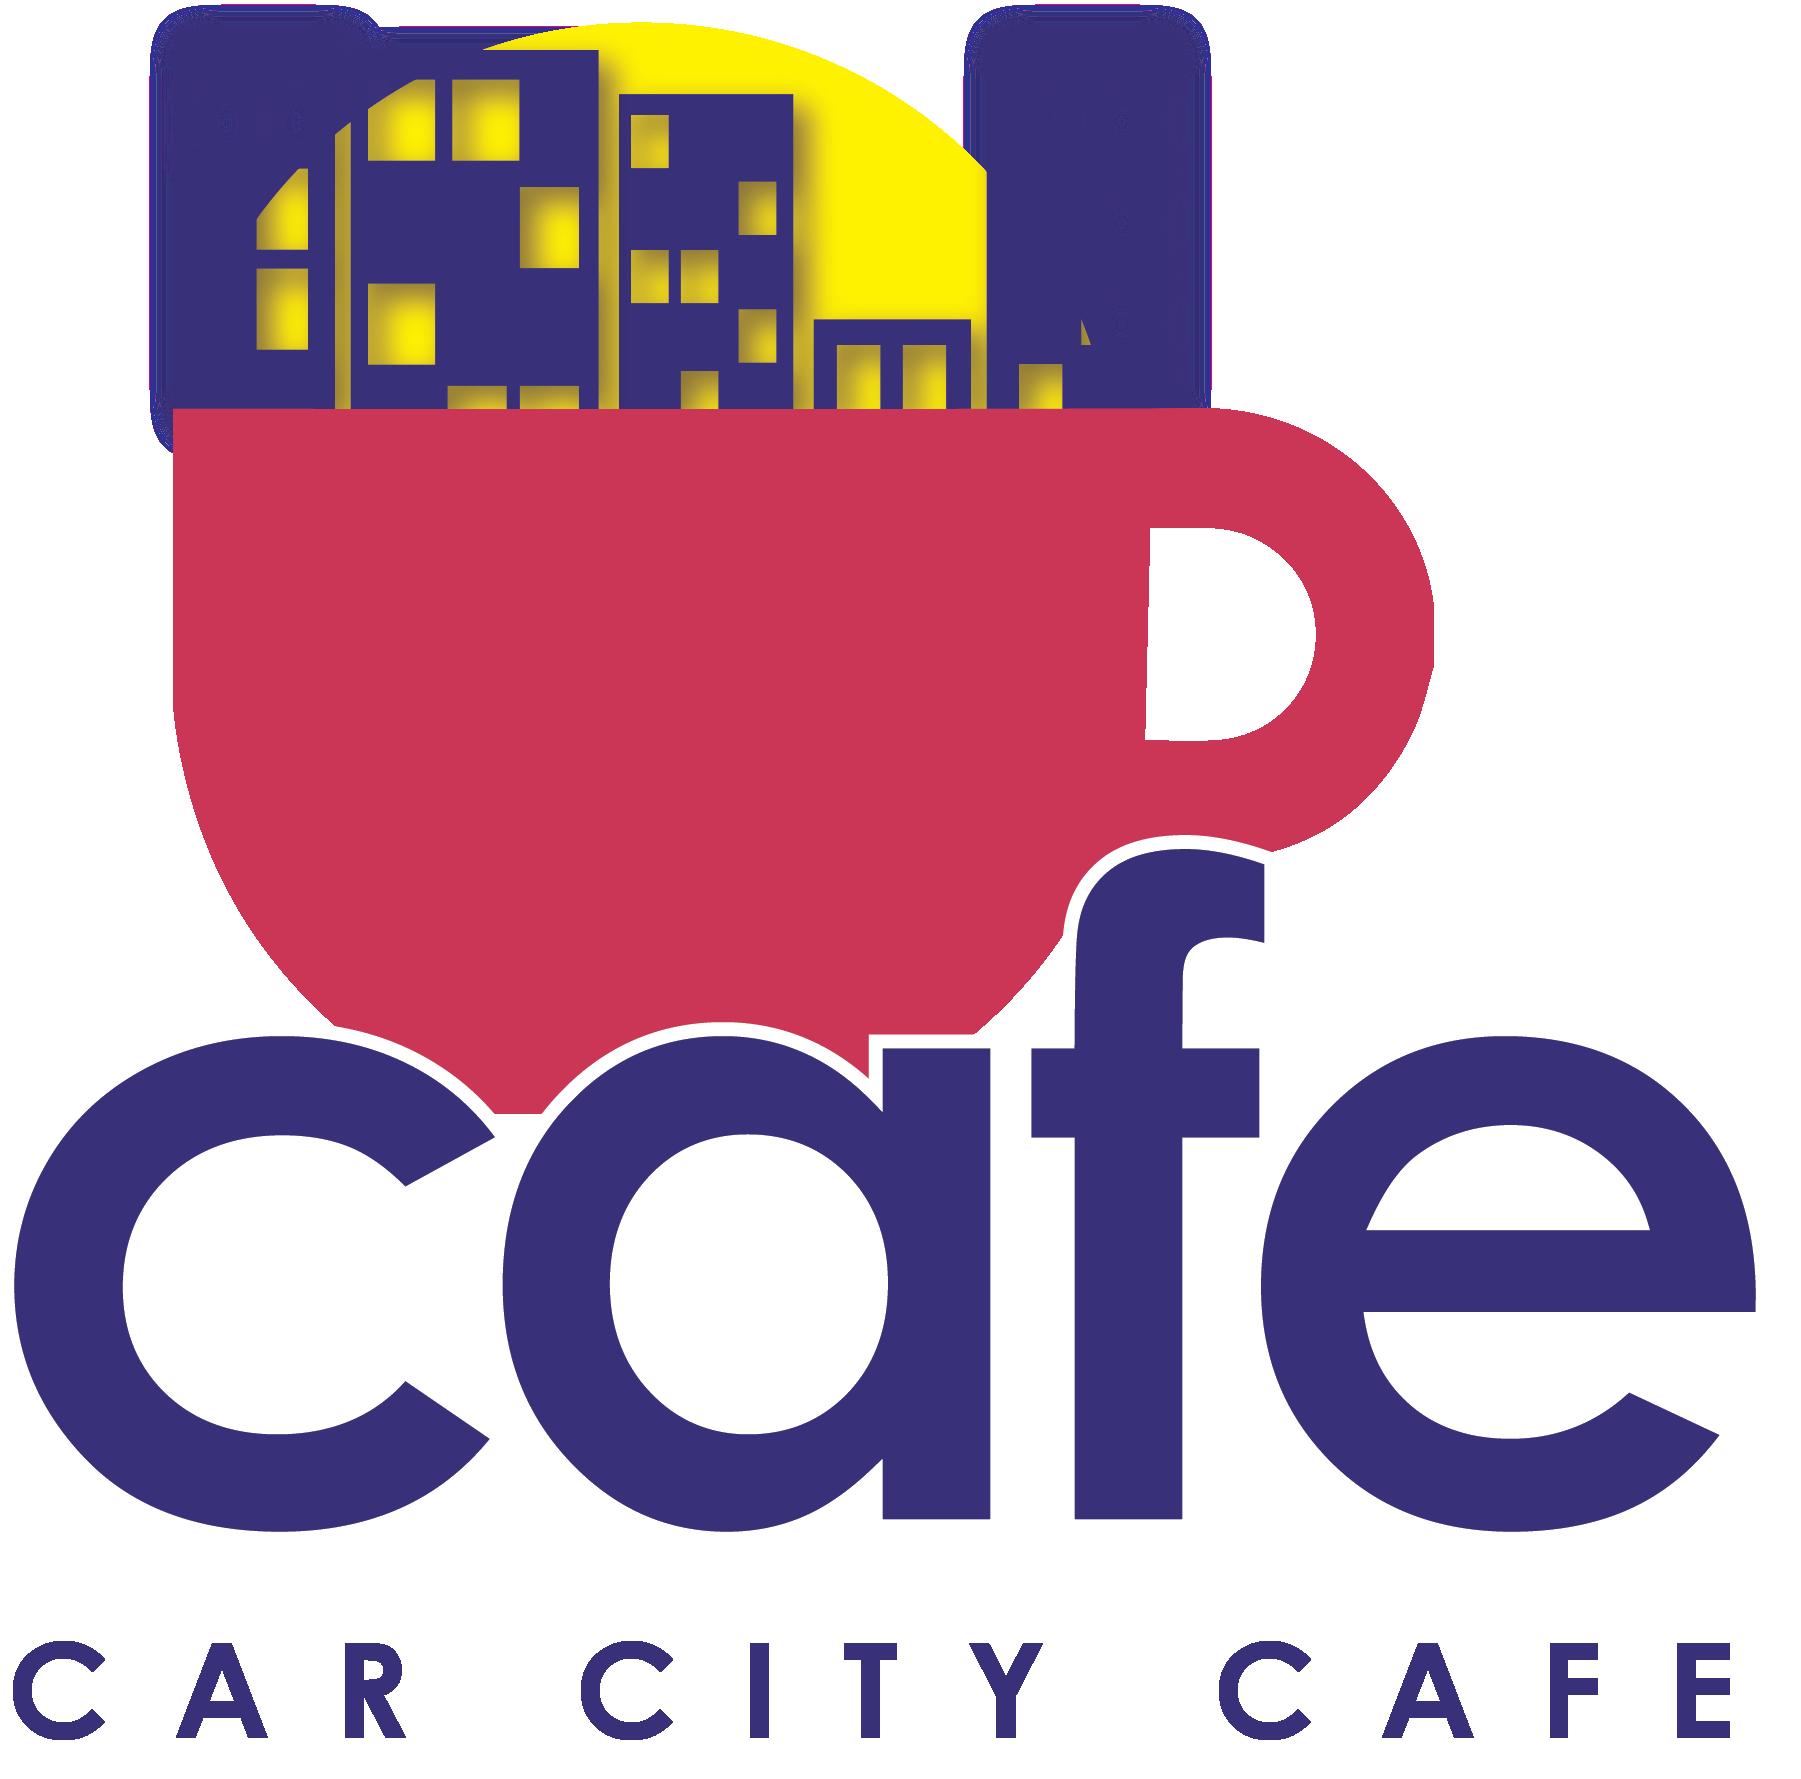 Car City Cafe